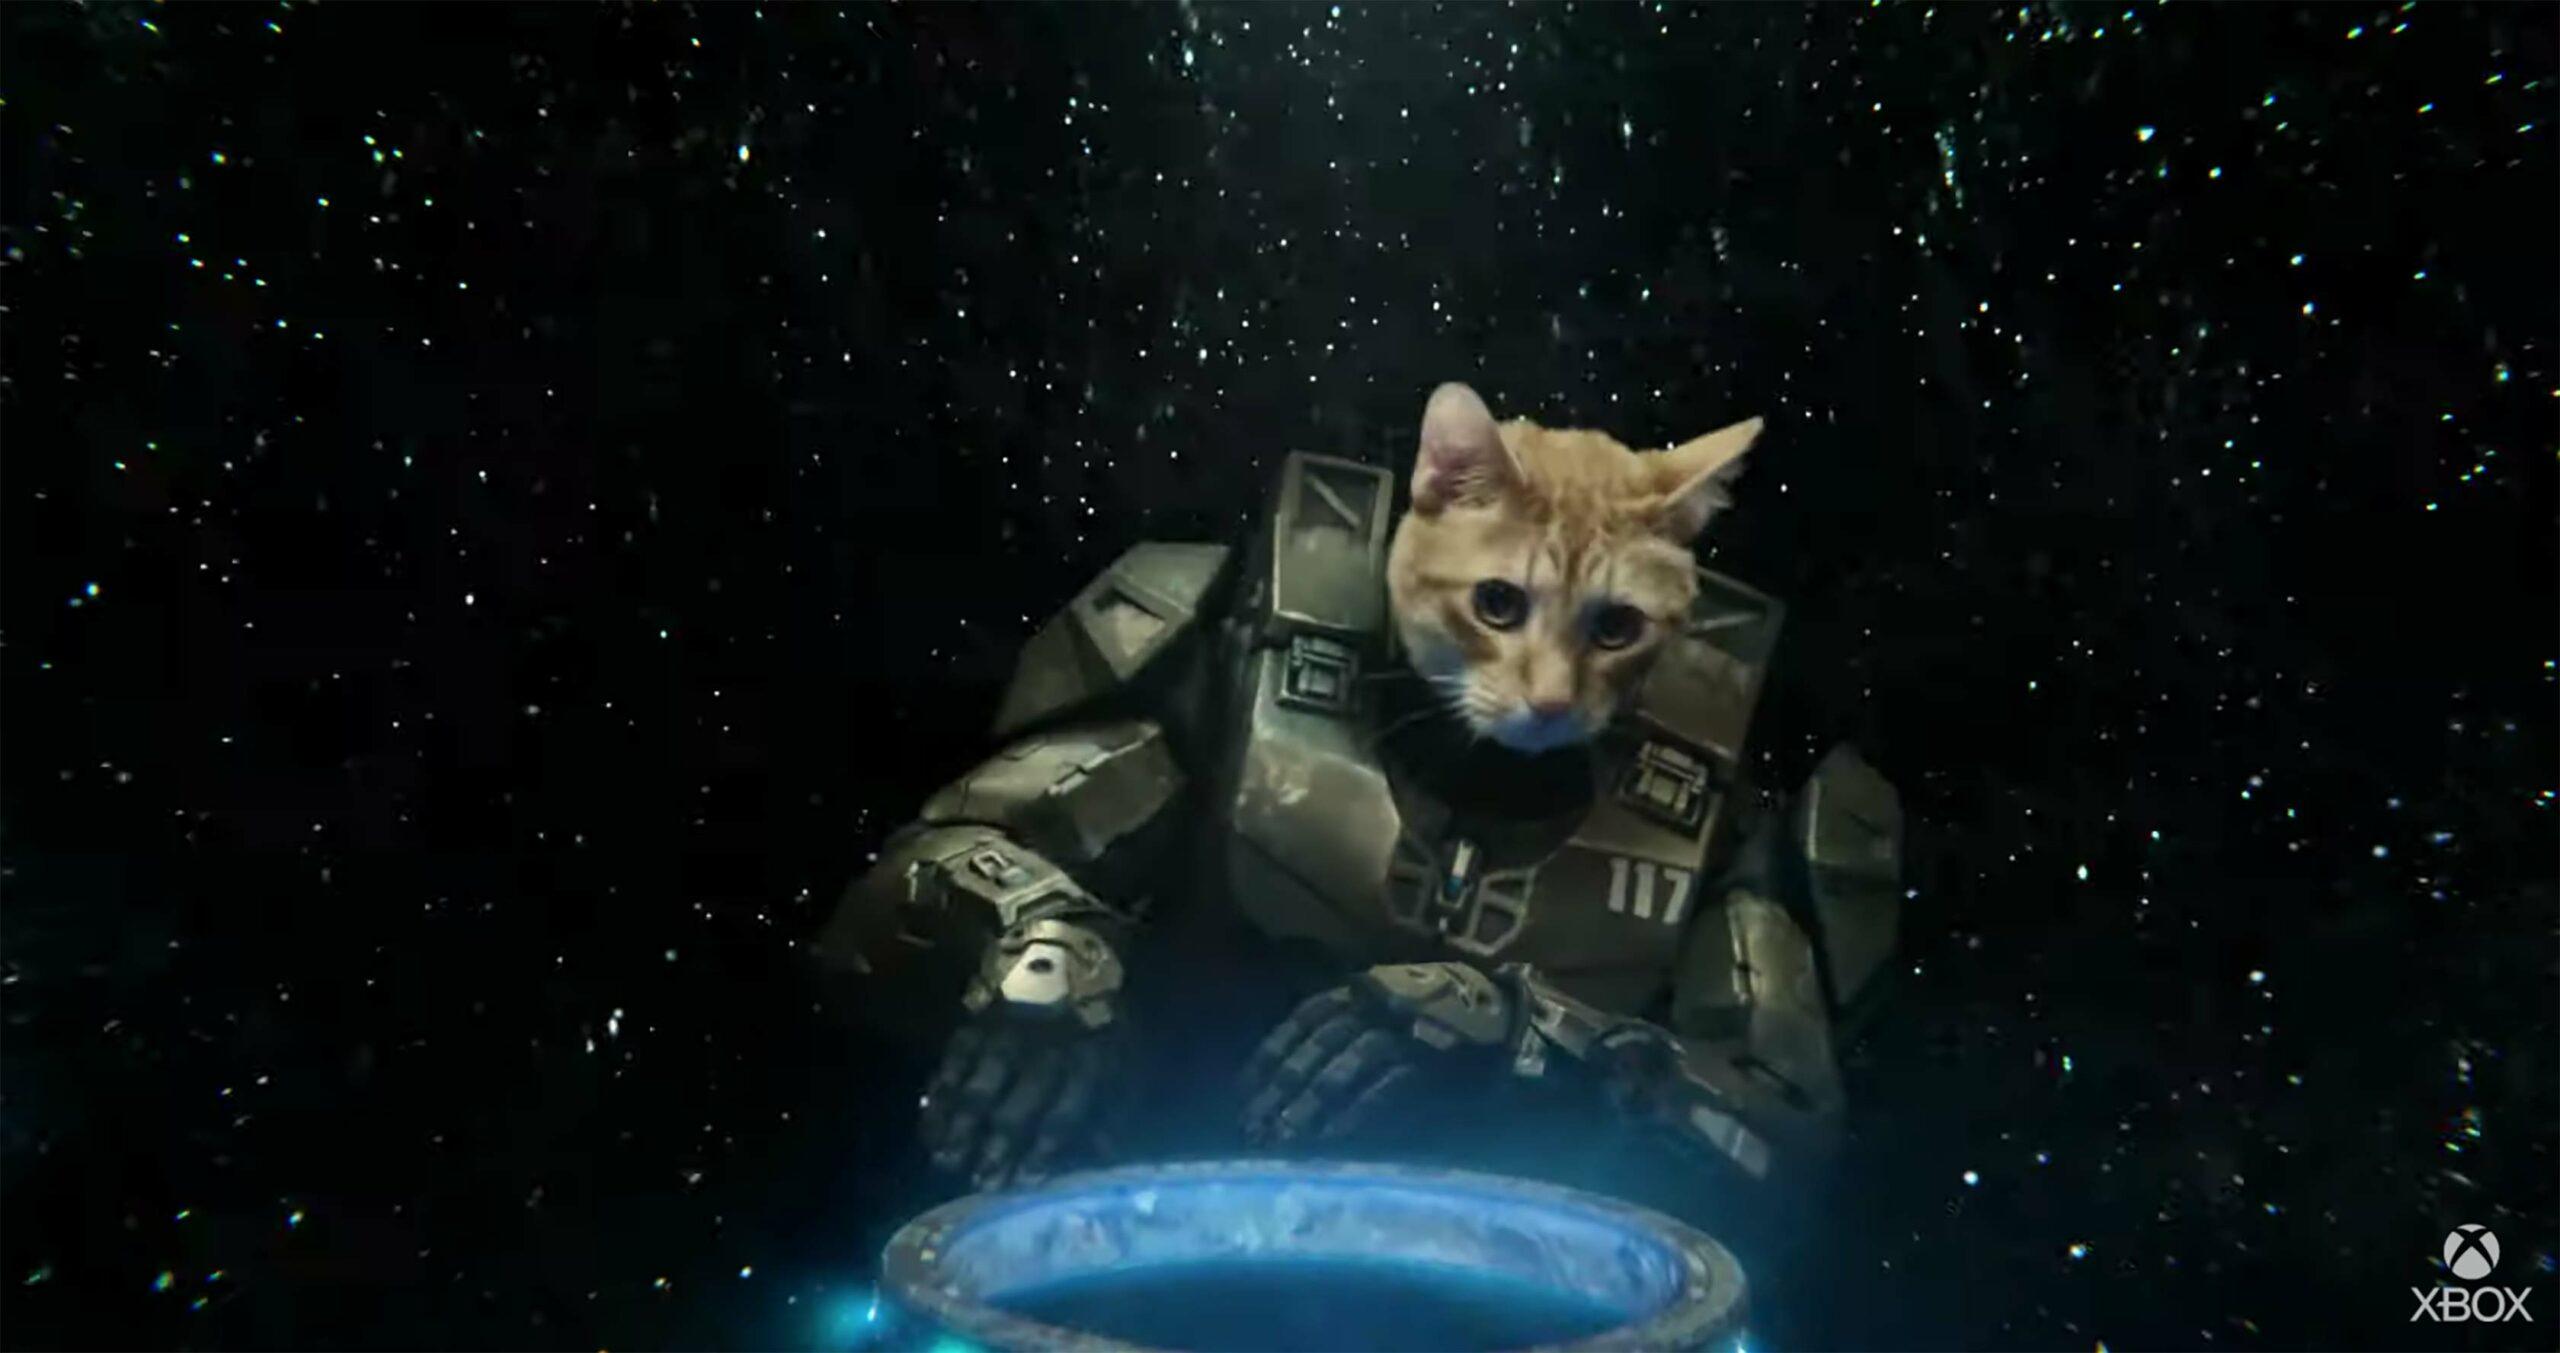 Master Chief cat